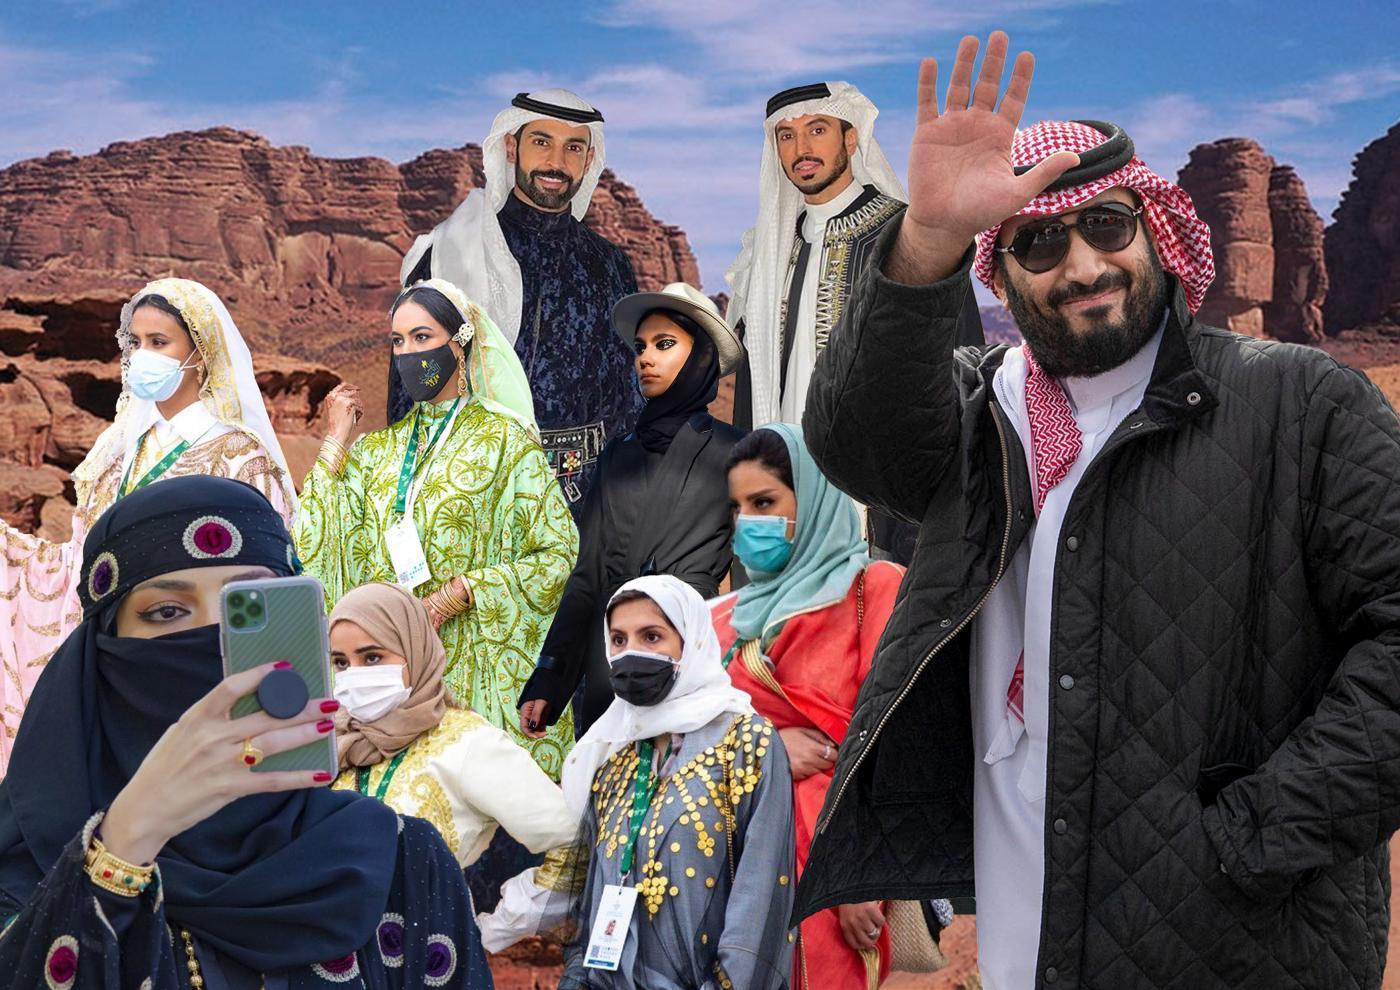 Activistes et militants critiquent l'entrée progressive de l'Arabie saoudite dans le monde de la mode (illustration: Mohamad Elasaar pour MEE)